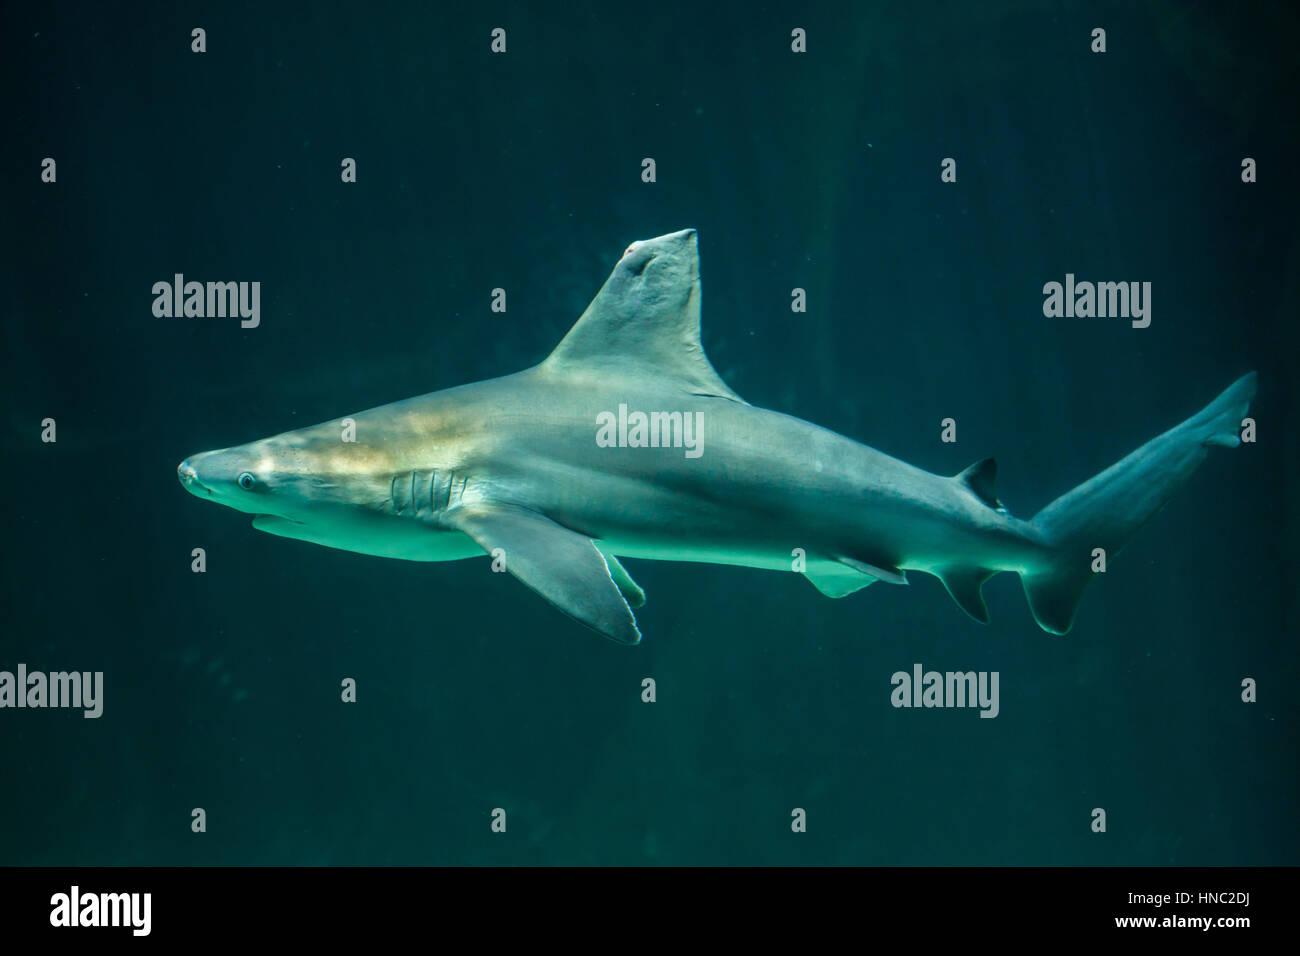 Sandbar shark (Carcharhinus plumbeus). - Stock Image